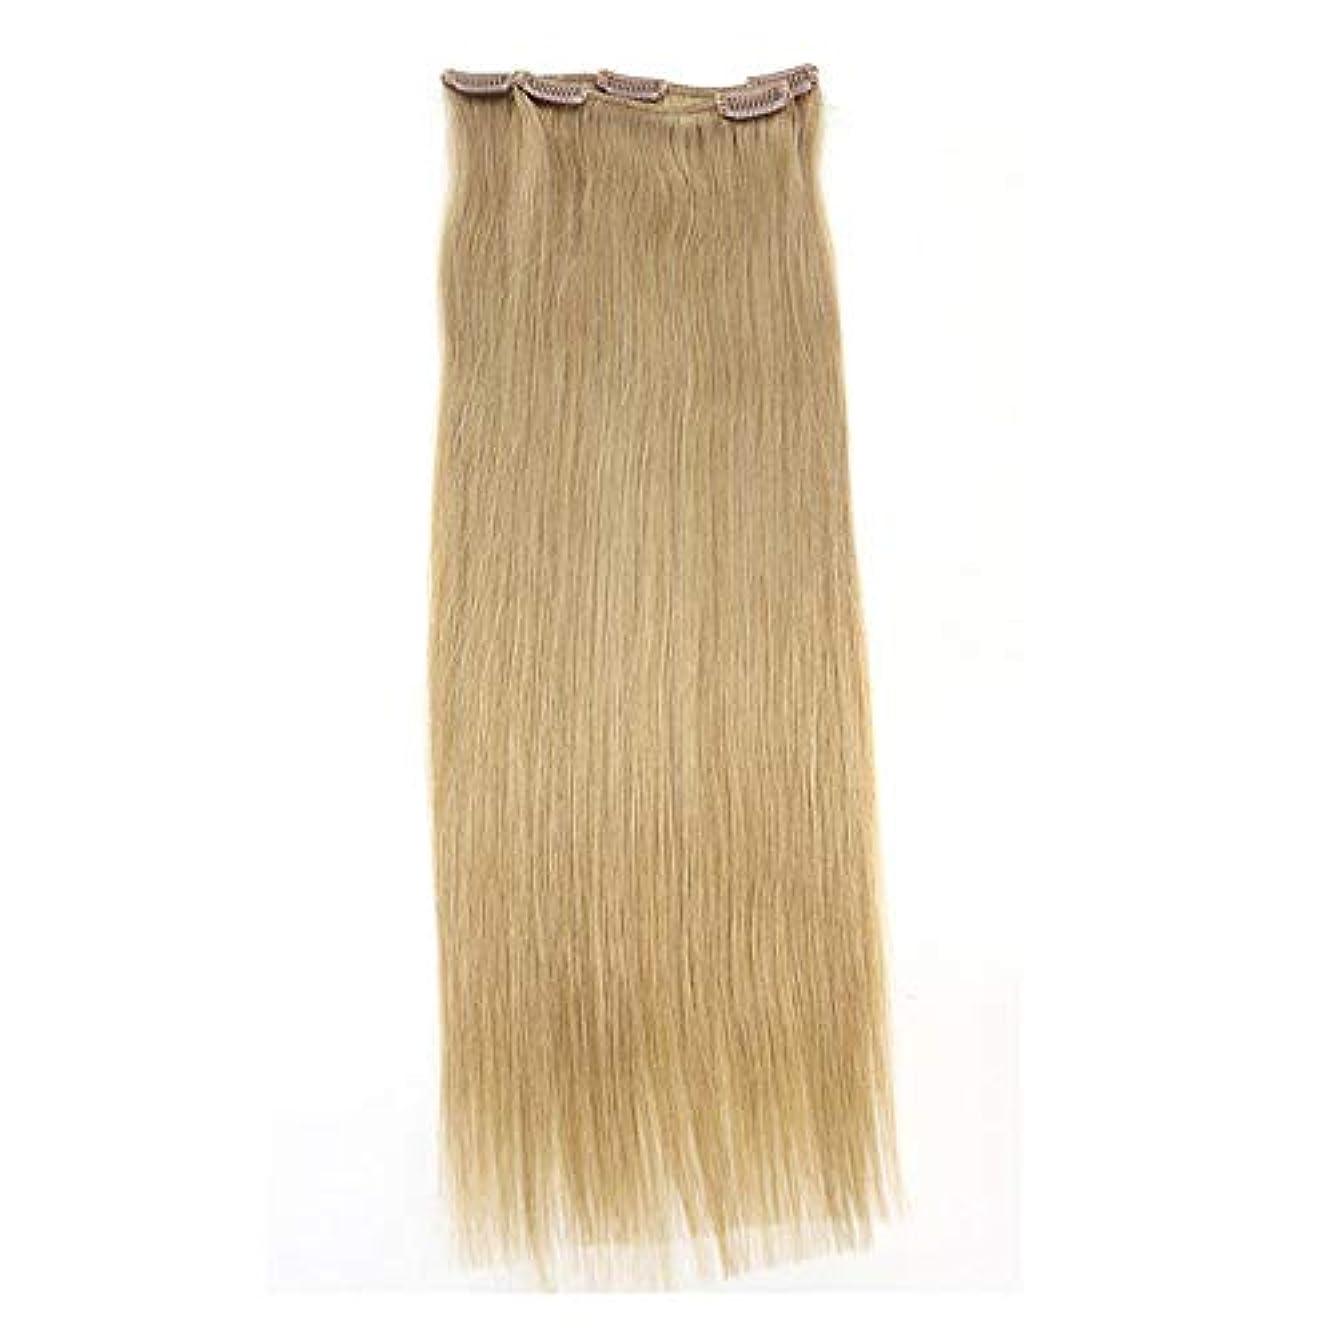 不健康気まぐれな悪性腫瘍WASAIO 女性のためのワンピースロング真でヘアエクステンションクリップ裏地なし髪型ブロンド色のヒトクリップ (色 : Blonde, サイズ : 16 inch)